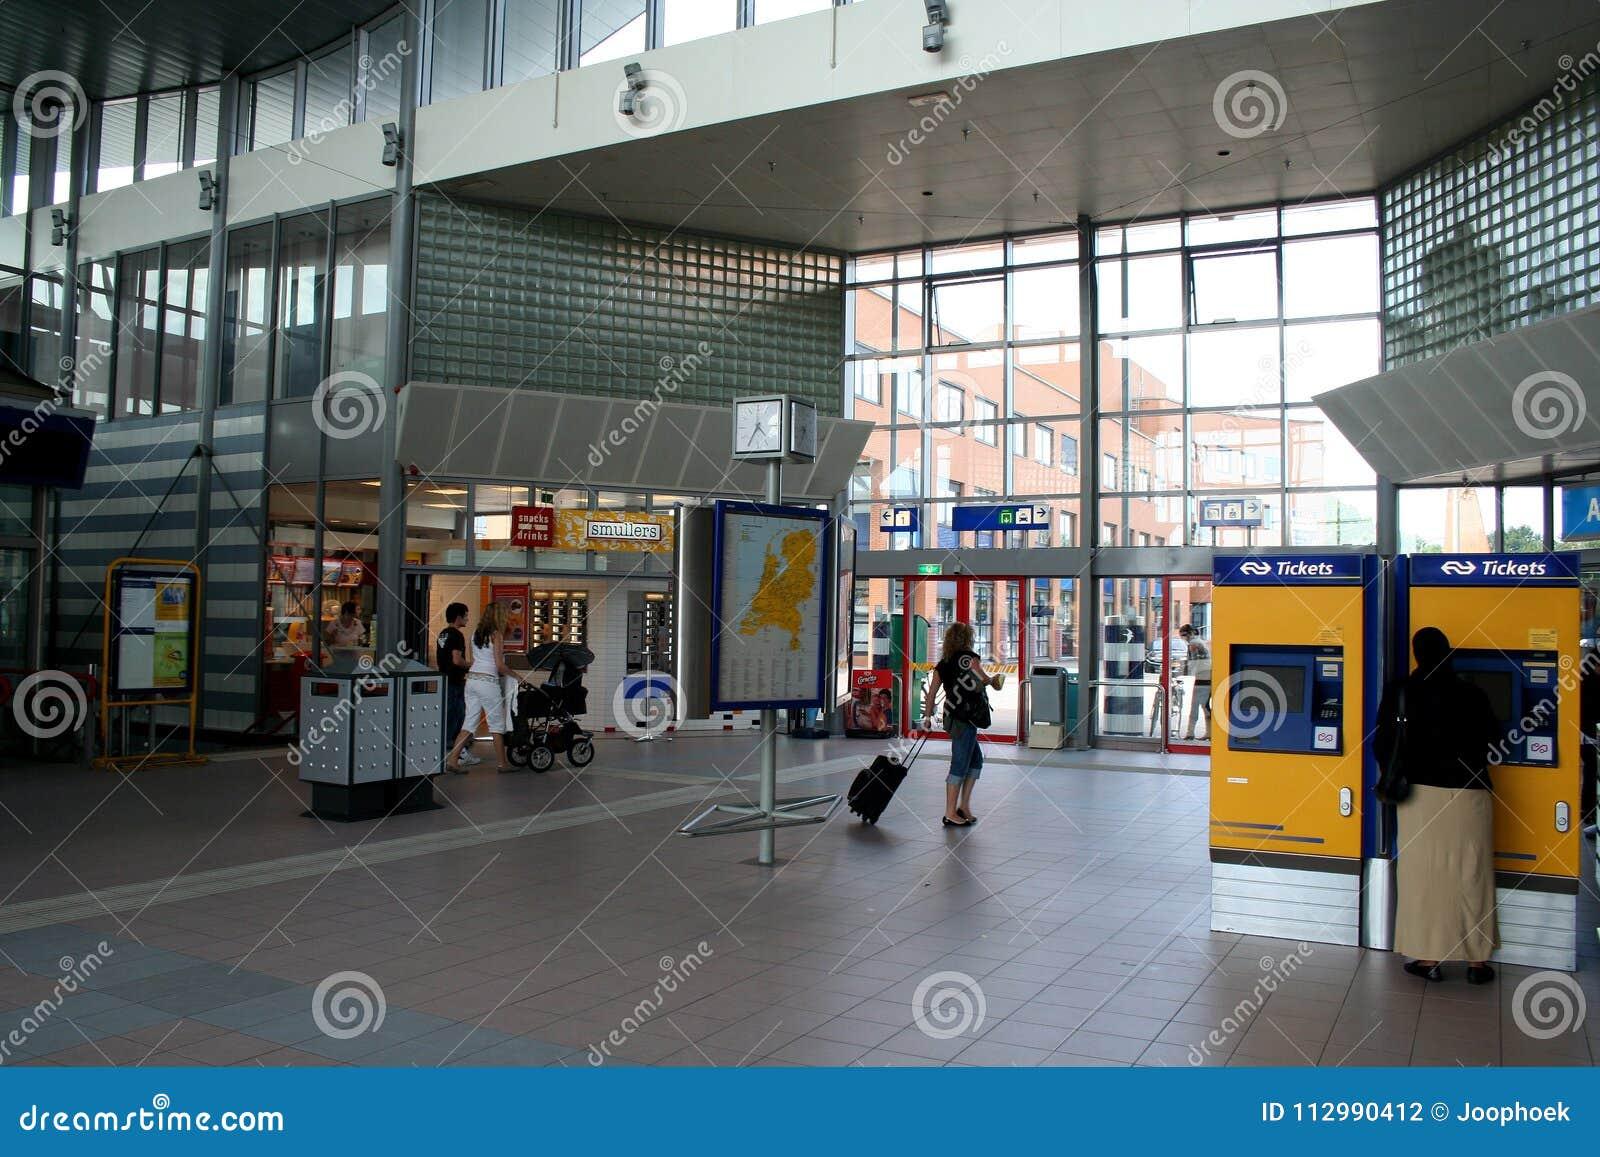 Railway station in Sittard